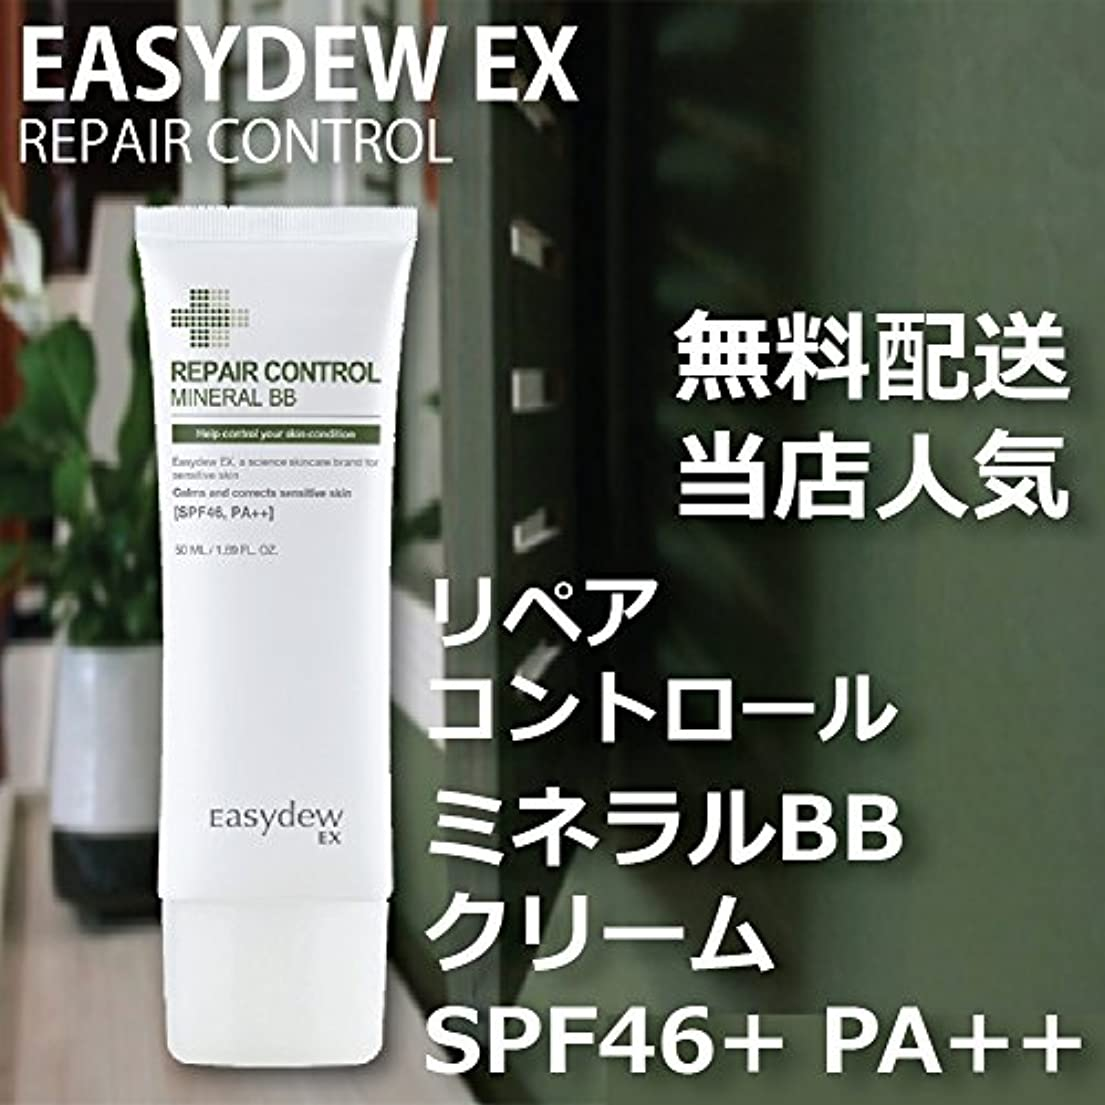 サーキュレーションナインへ宣言するEASY DEW EX ミネラル BBクリーム SPF46+ PA++ 50ml MINRAL BB CREAM 韓国 人気 コスメ イージーデュー 敏感 乾燥 美白 しわ 3重機能性